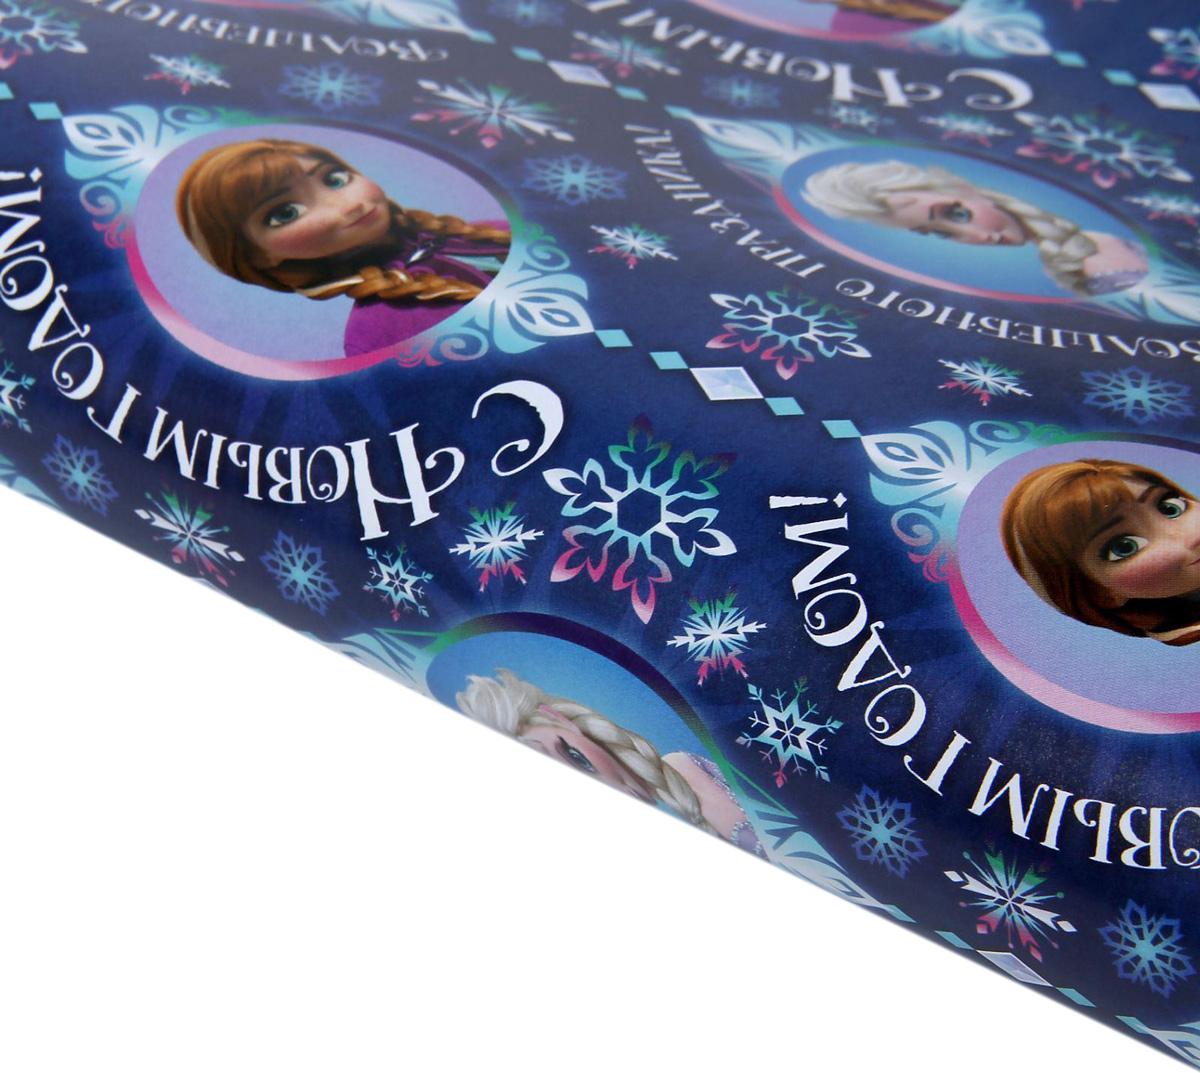 Бумага упаковочная Disney Волшебного праздника. Холодное сердце, глянцевая, 70 х 100 см1139003Бумага упаковочная Disney Волшебного праздника. Холодное сердце - это стильный и модный тренд в декоре и упаковке. Она универсальна в оформлении любой продукции и подарка и сделает даже обычный презент заметным, приятным и стильным.